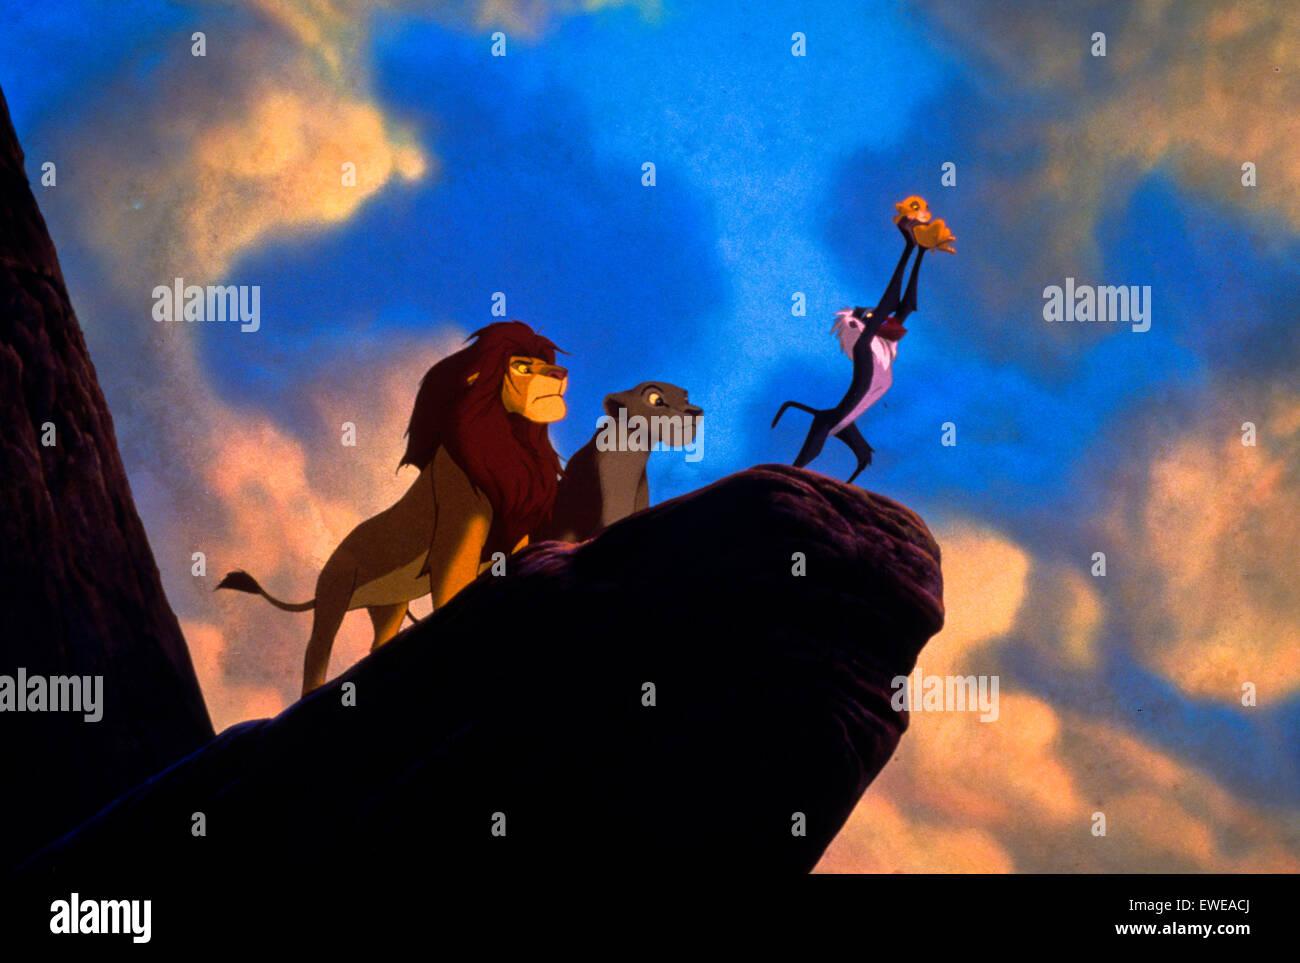 Lion king - Stock Image